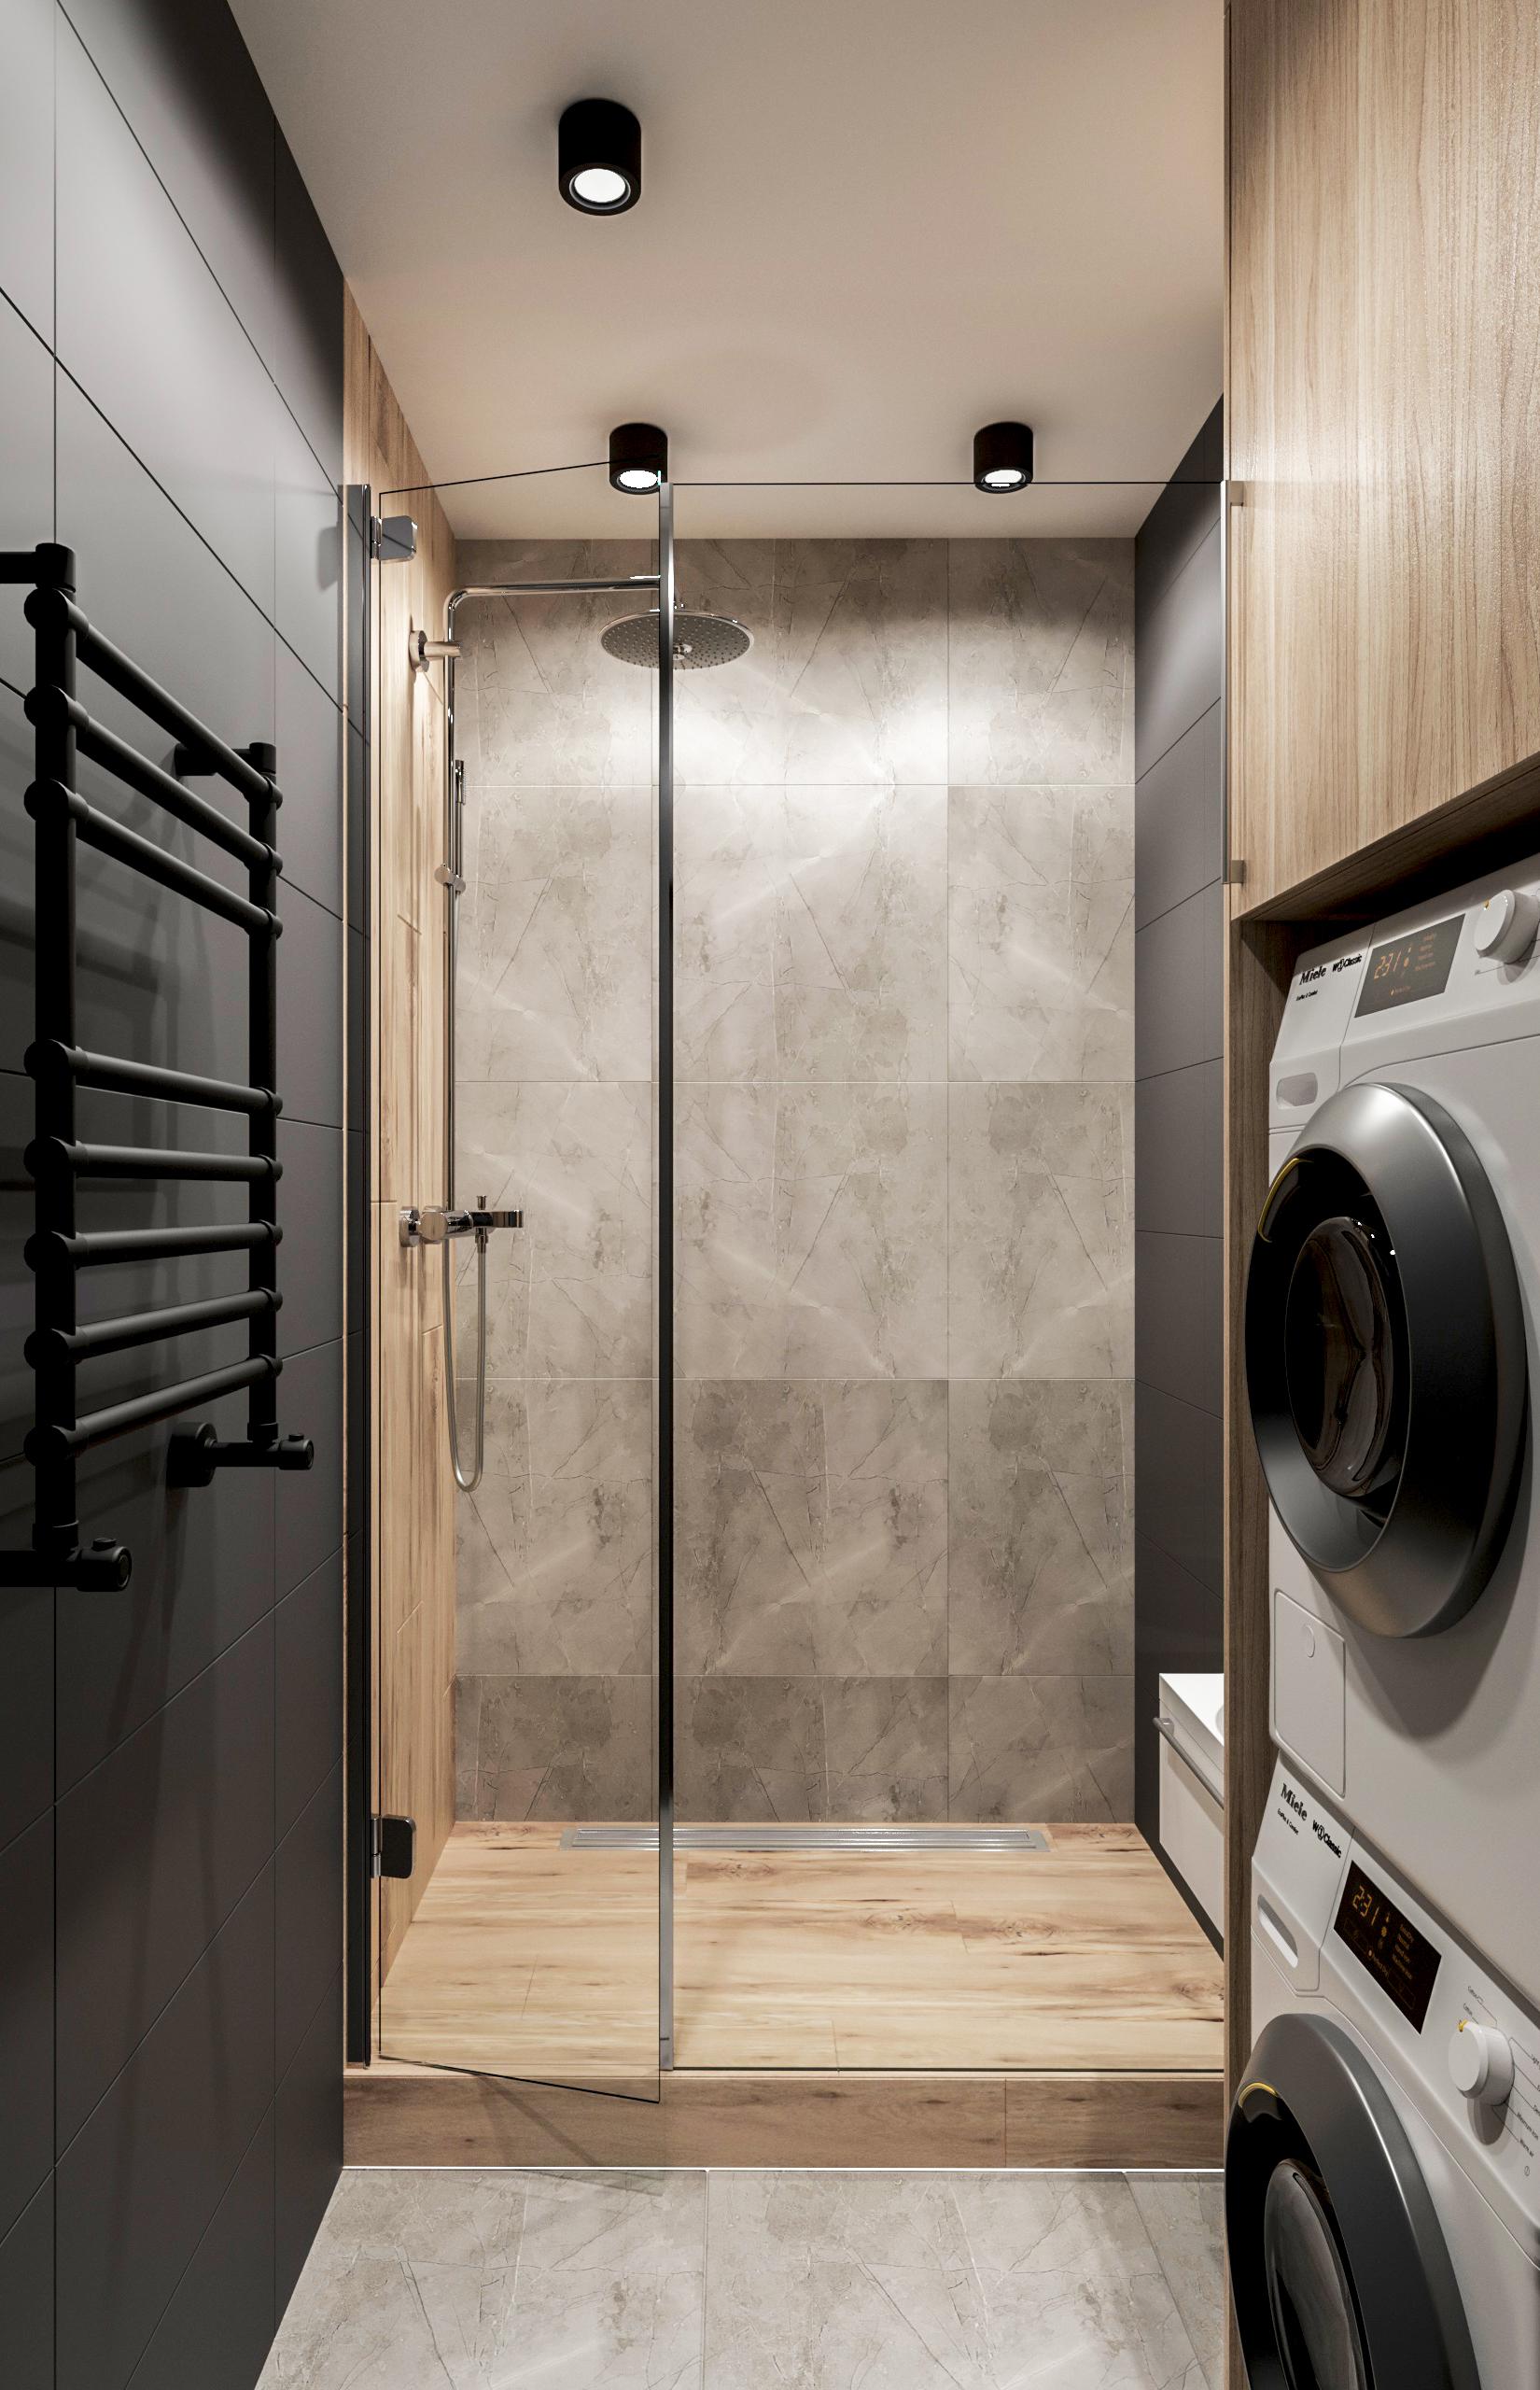 Дизайн ванной комнаты. Вид 2.